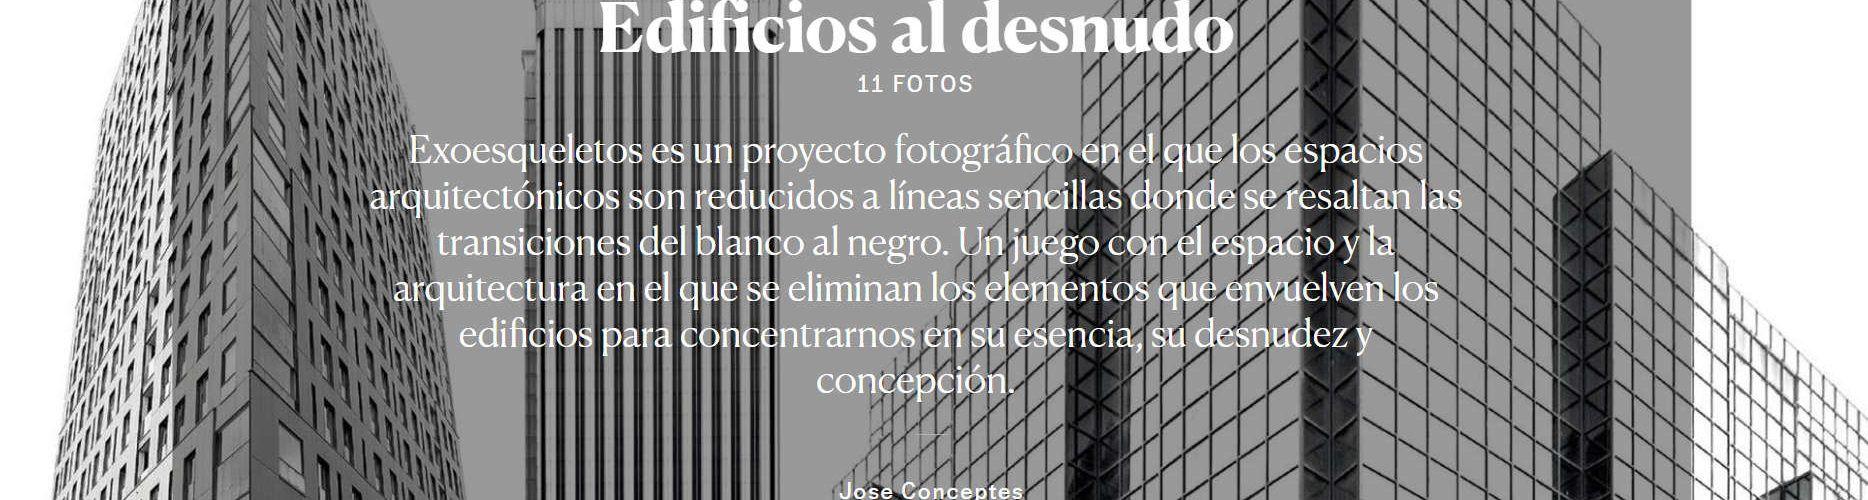 El País Setmanal dedica tres dobles pàgines al fotògraf de Vinaròs Jose Conceptes